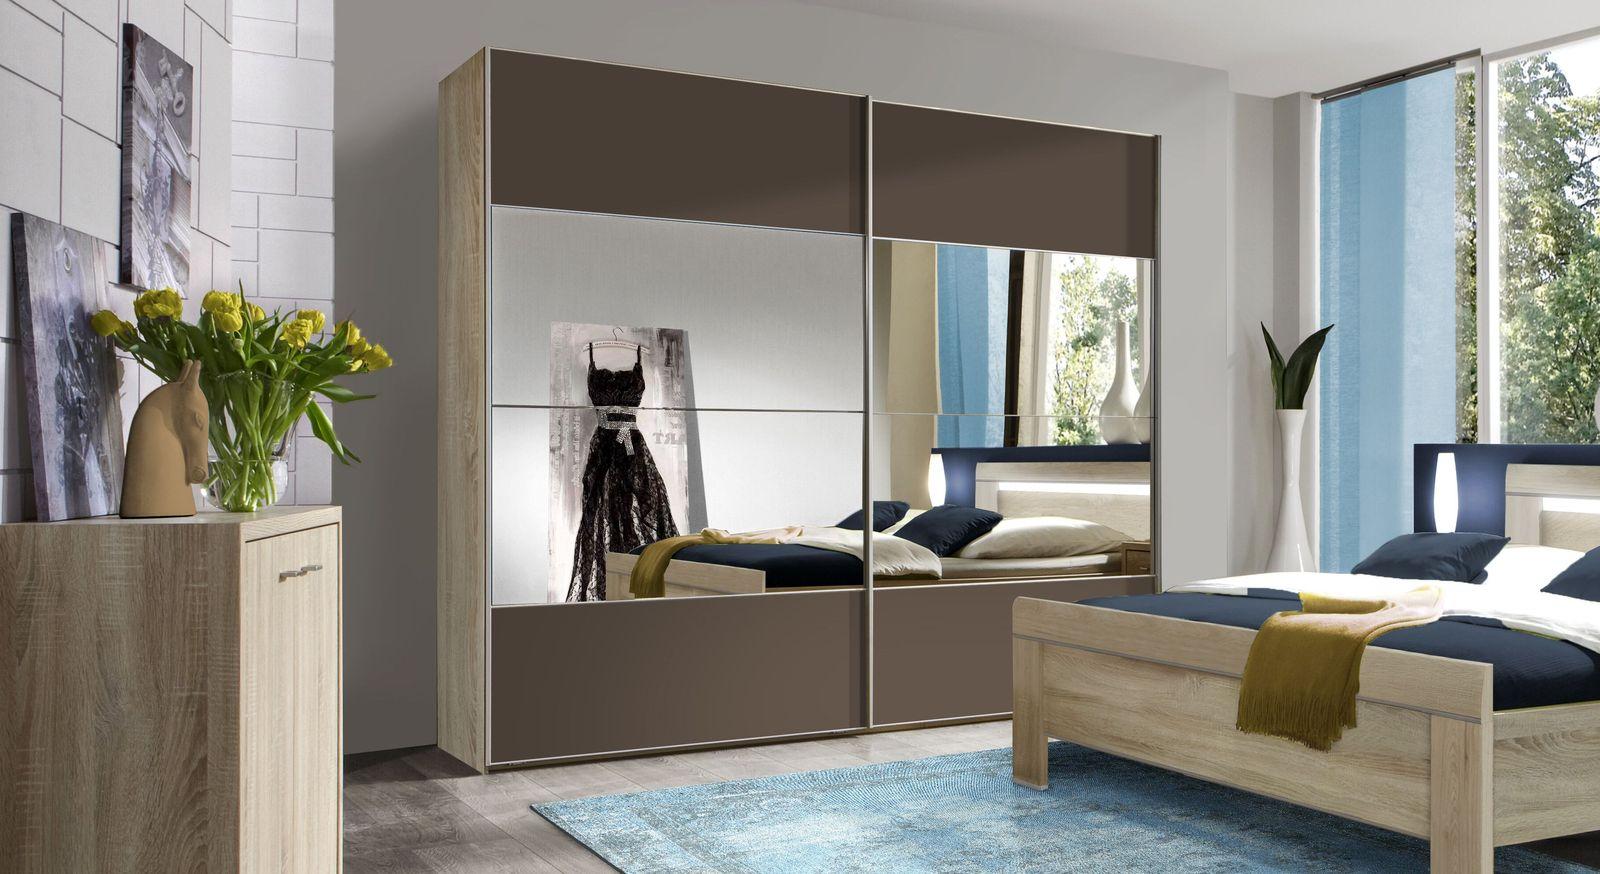 Schwebetüren-Kleiderschrank Seymour mit praktische Spiegelfläche